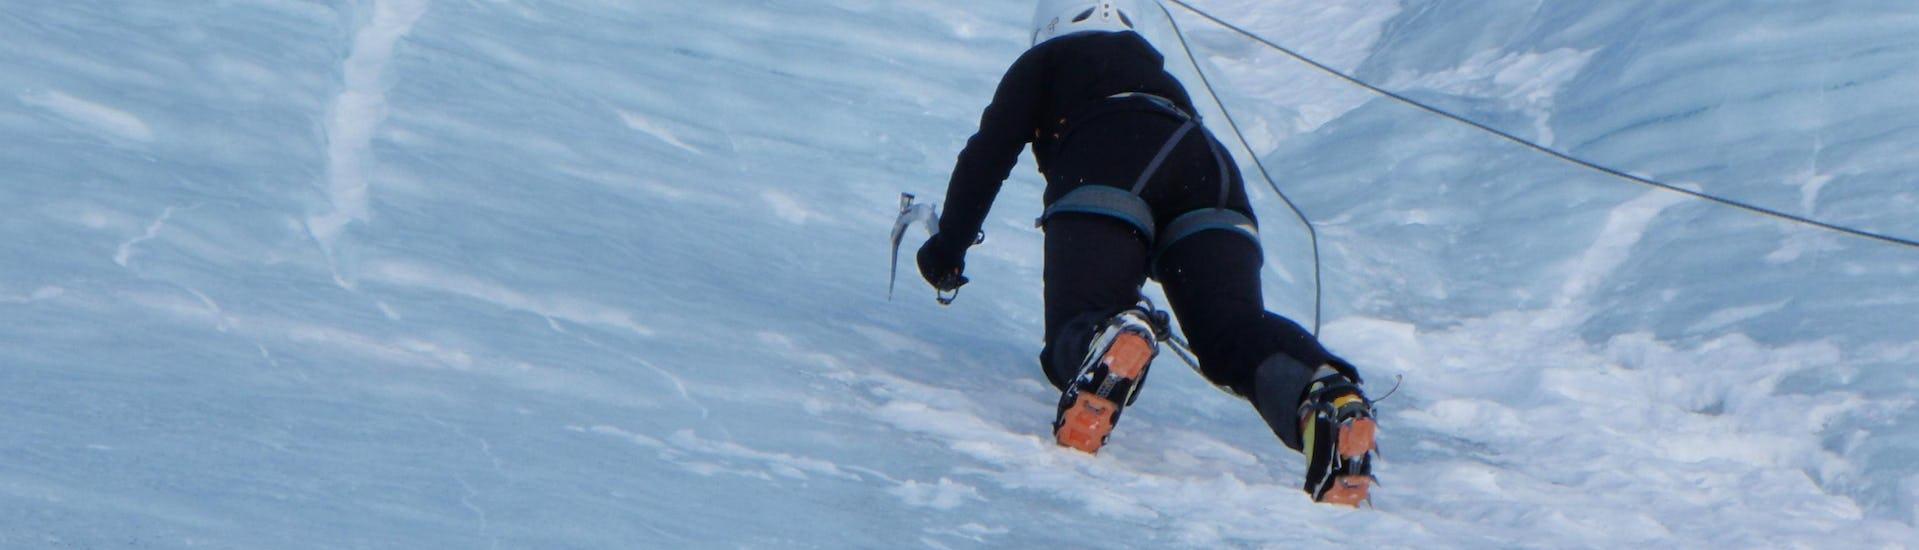 Ein Teilnehmer der von der Alpinschule Sölden organisierten Aktivität Eisklettern für Fortgeschrittene, klettert eine Eiswand im Skigebiet Sölden hoch.